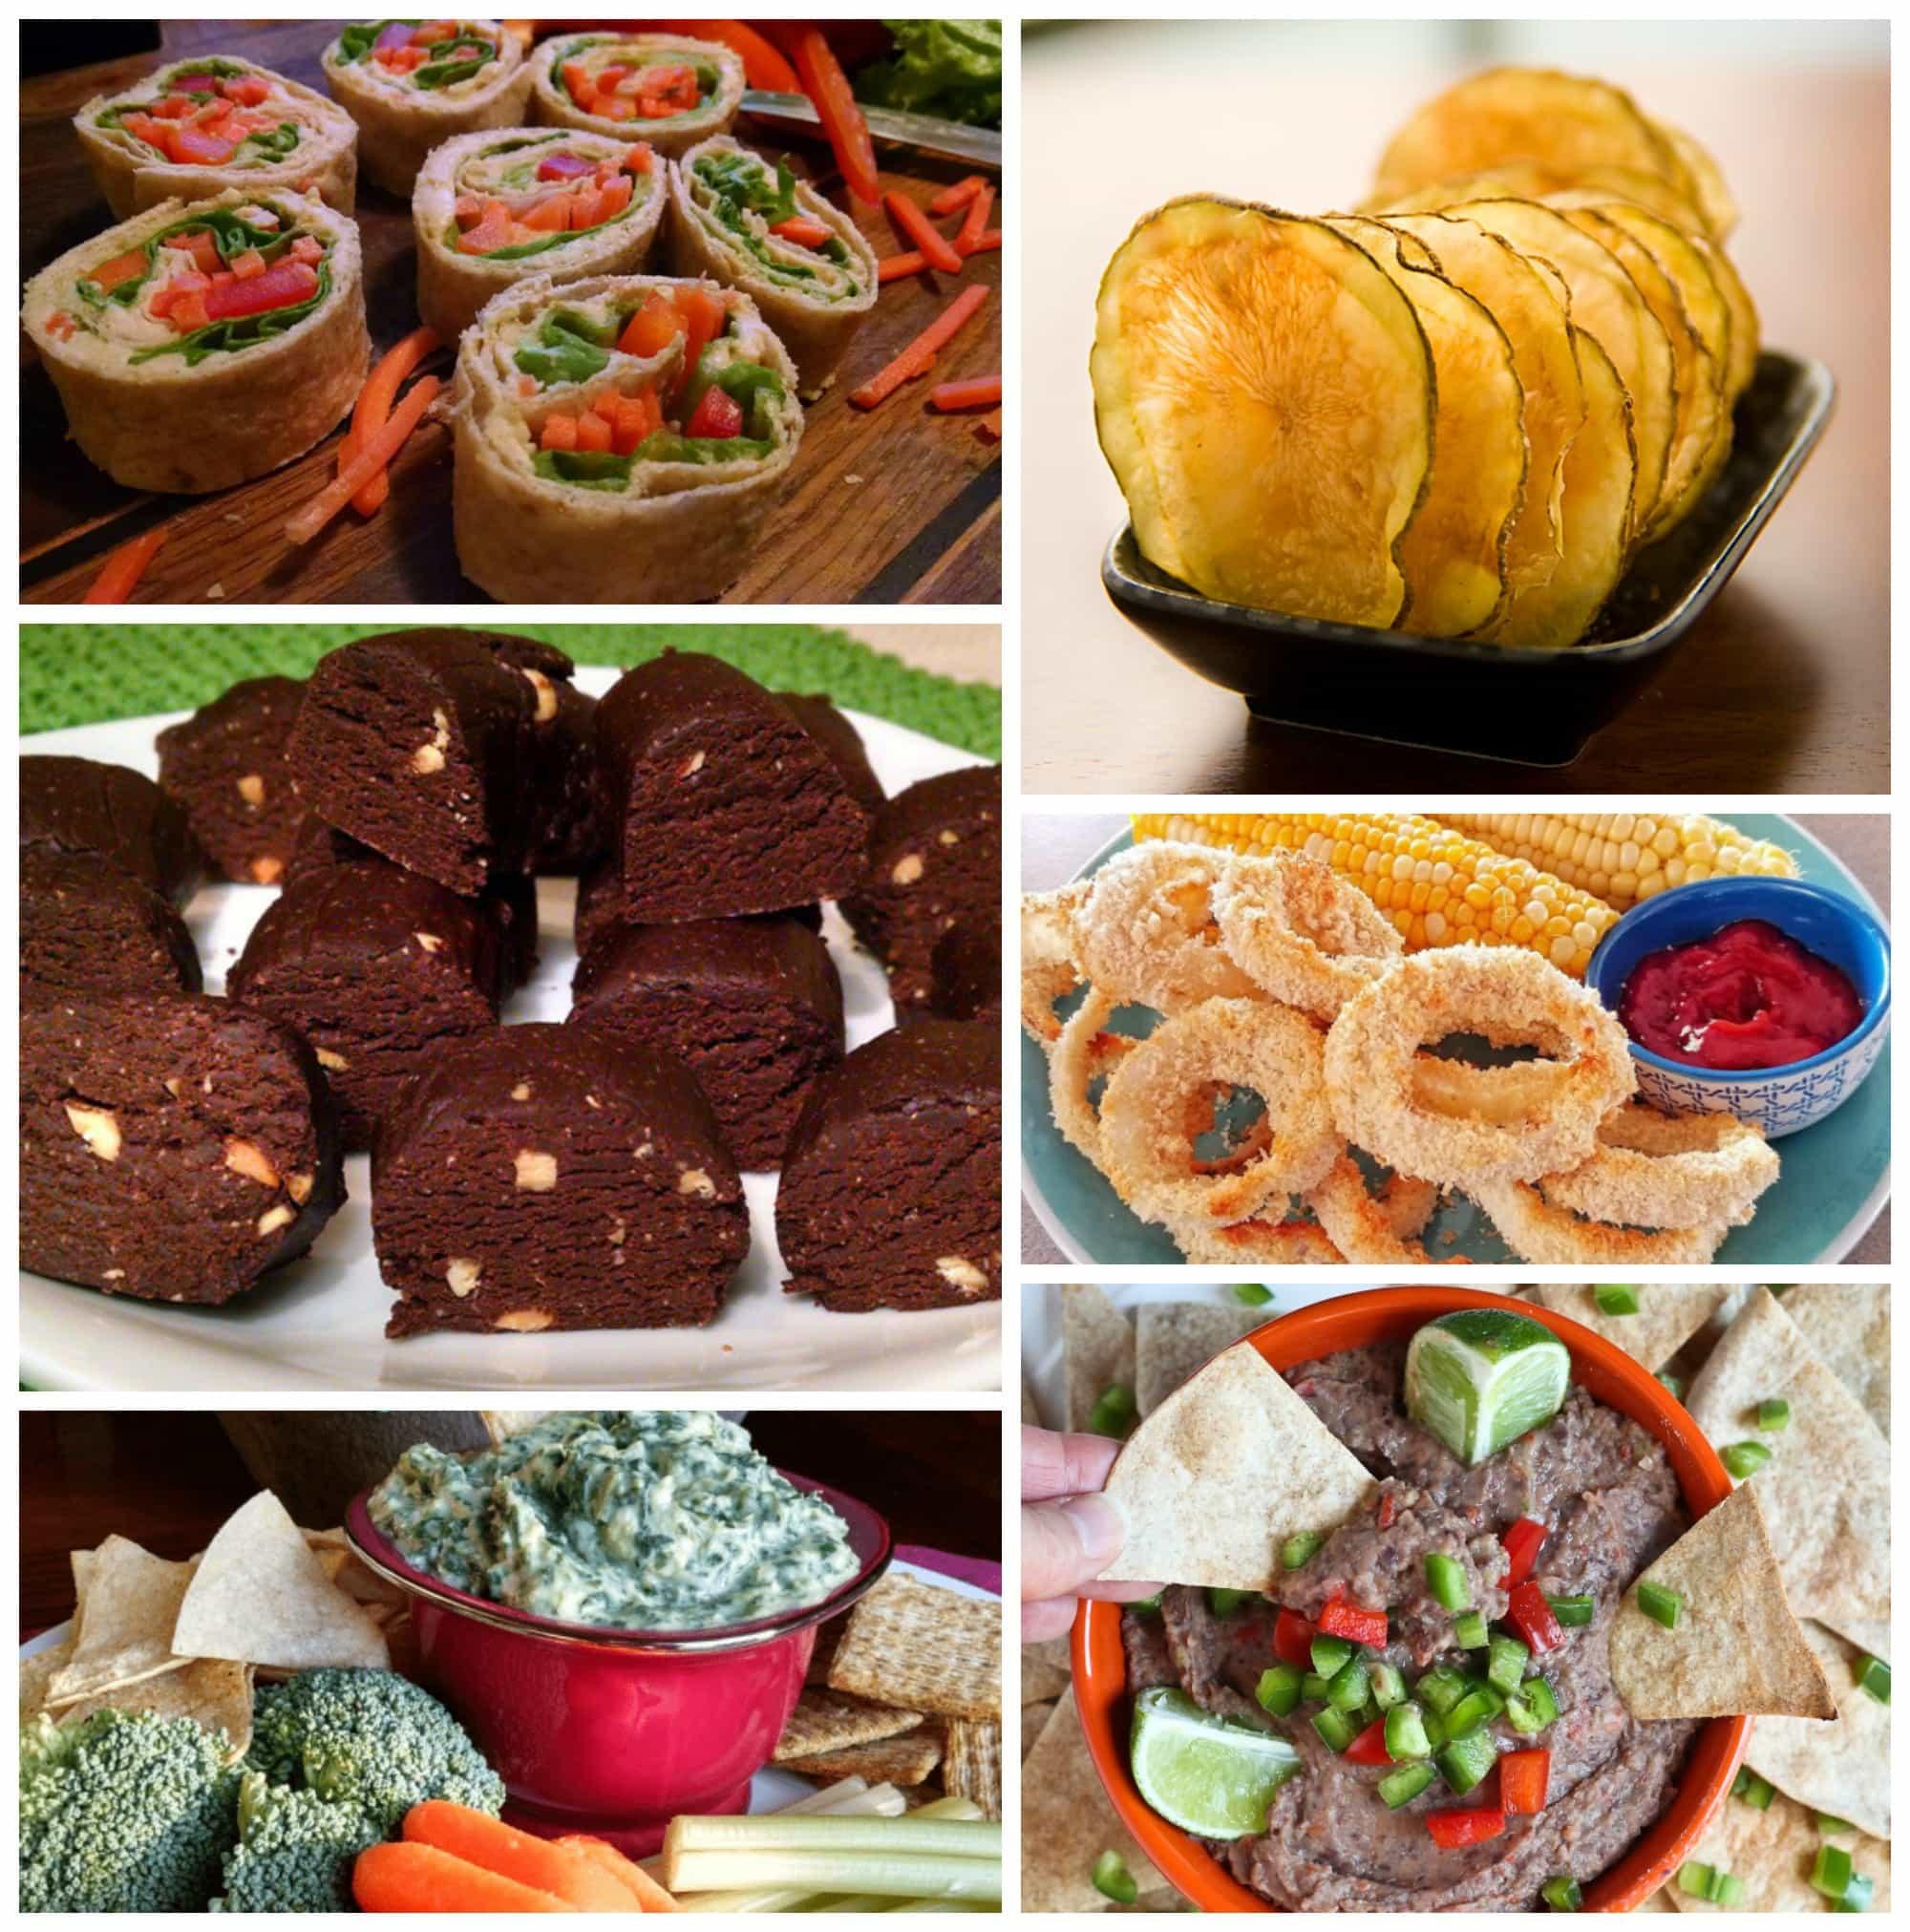 Healthy Vegan Snacks  17 Healthy Vegan Party Snack Ideas